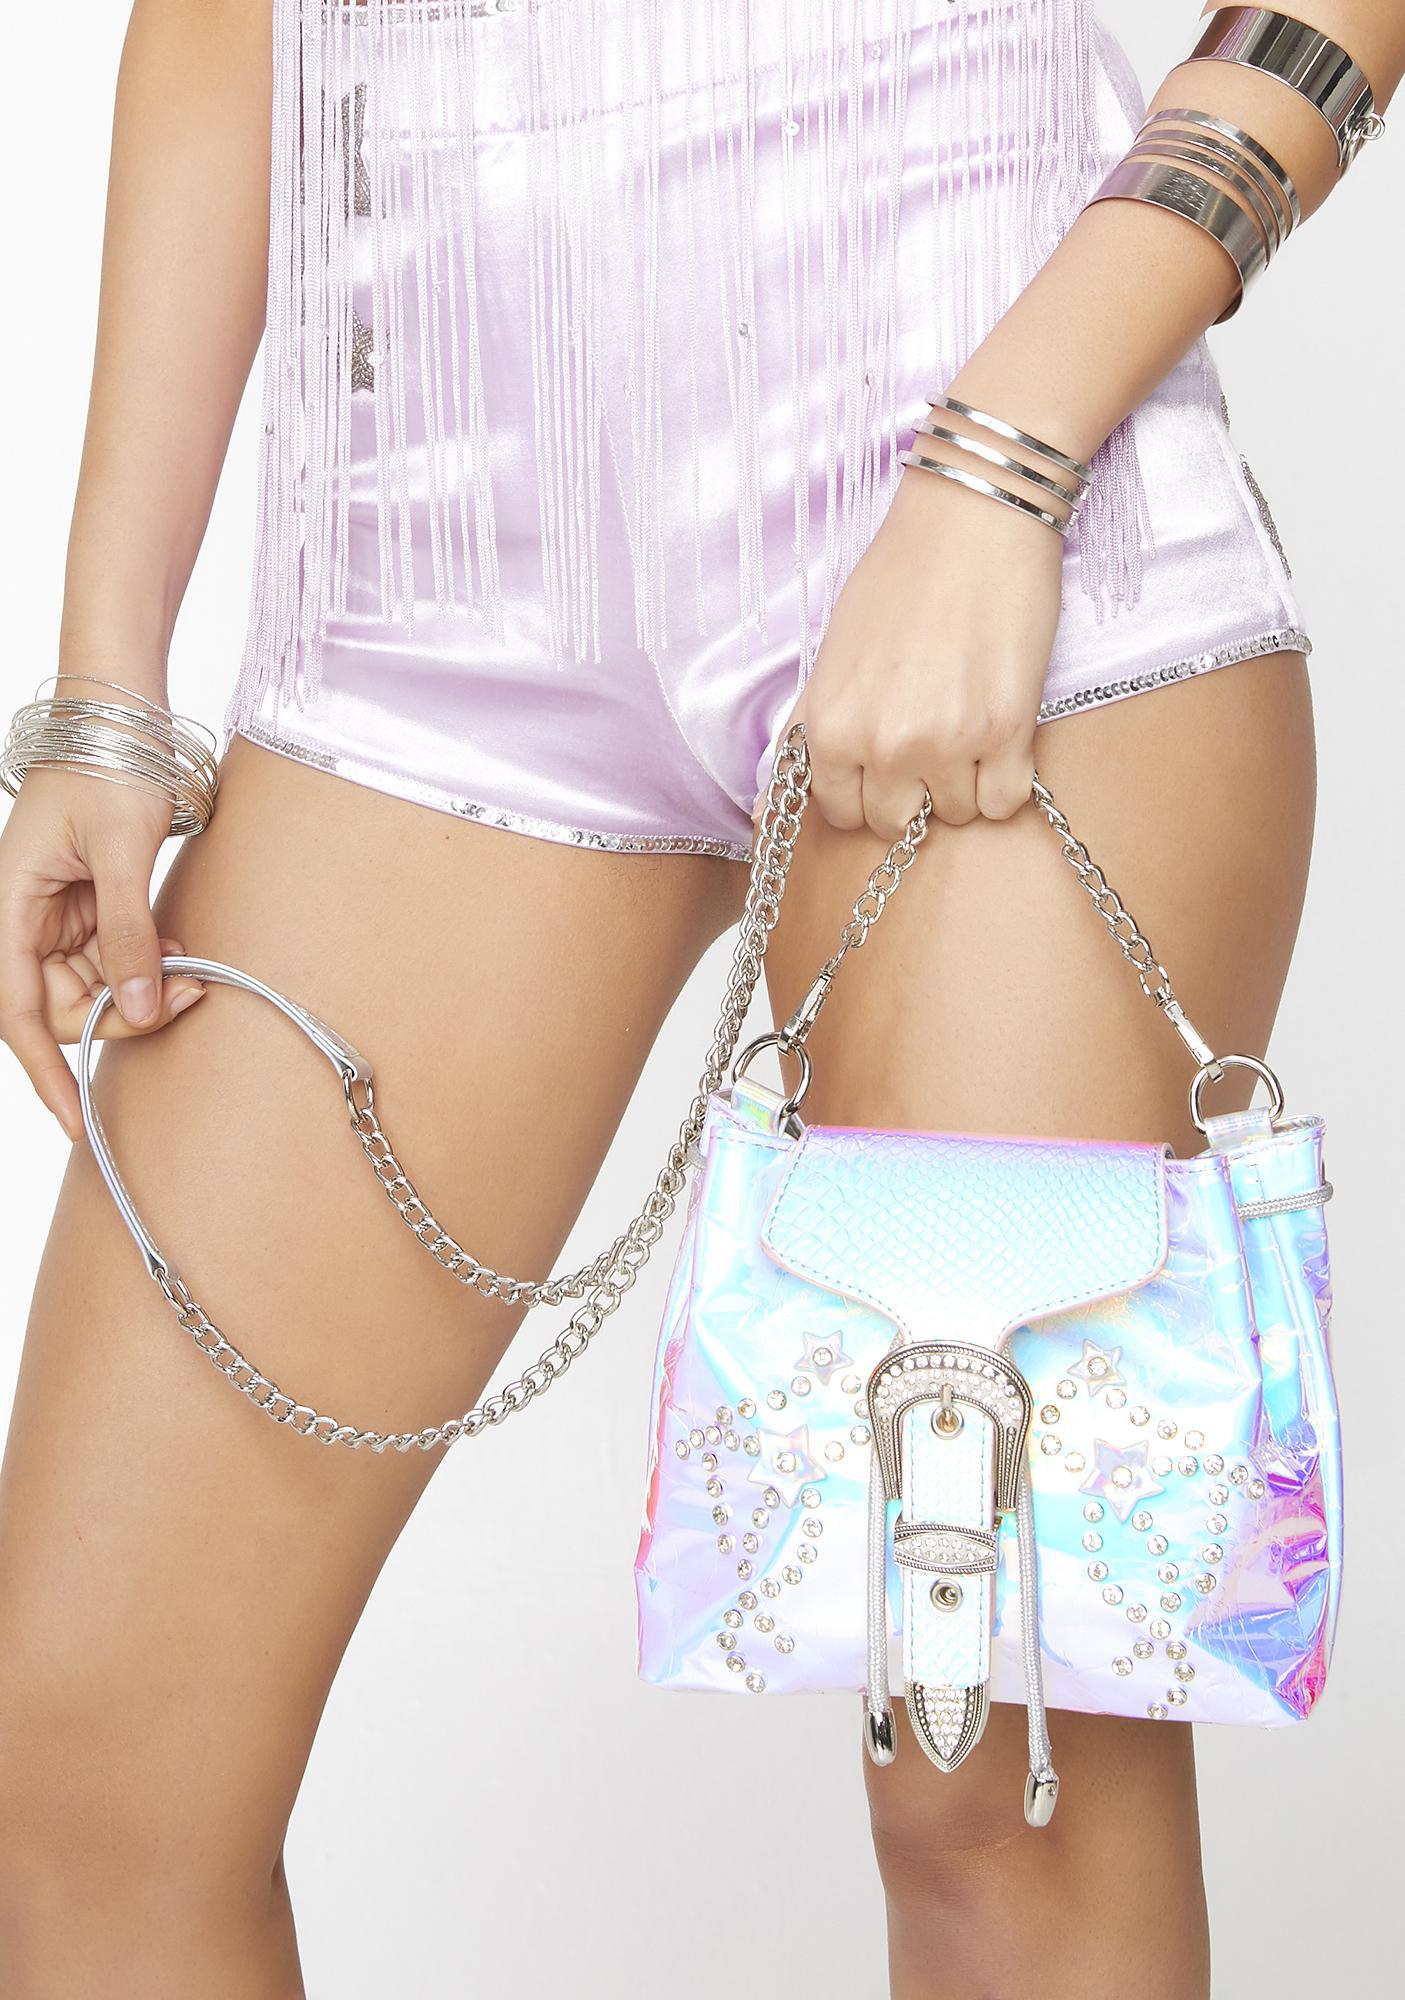 Club Exx Supernova Cowgirl Hologram Bag